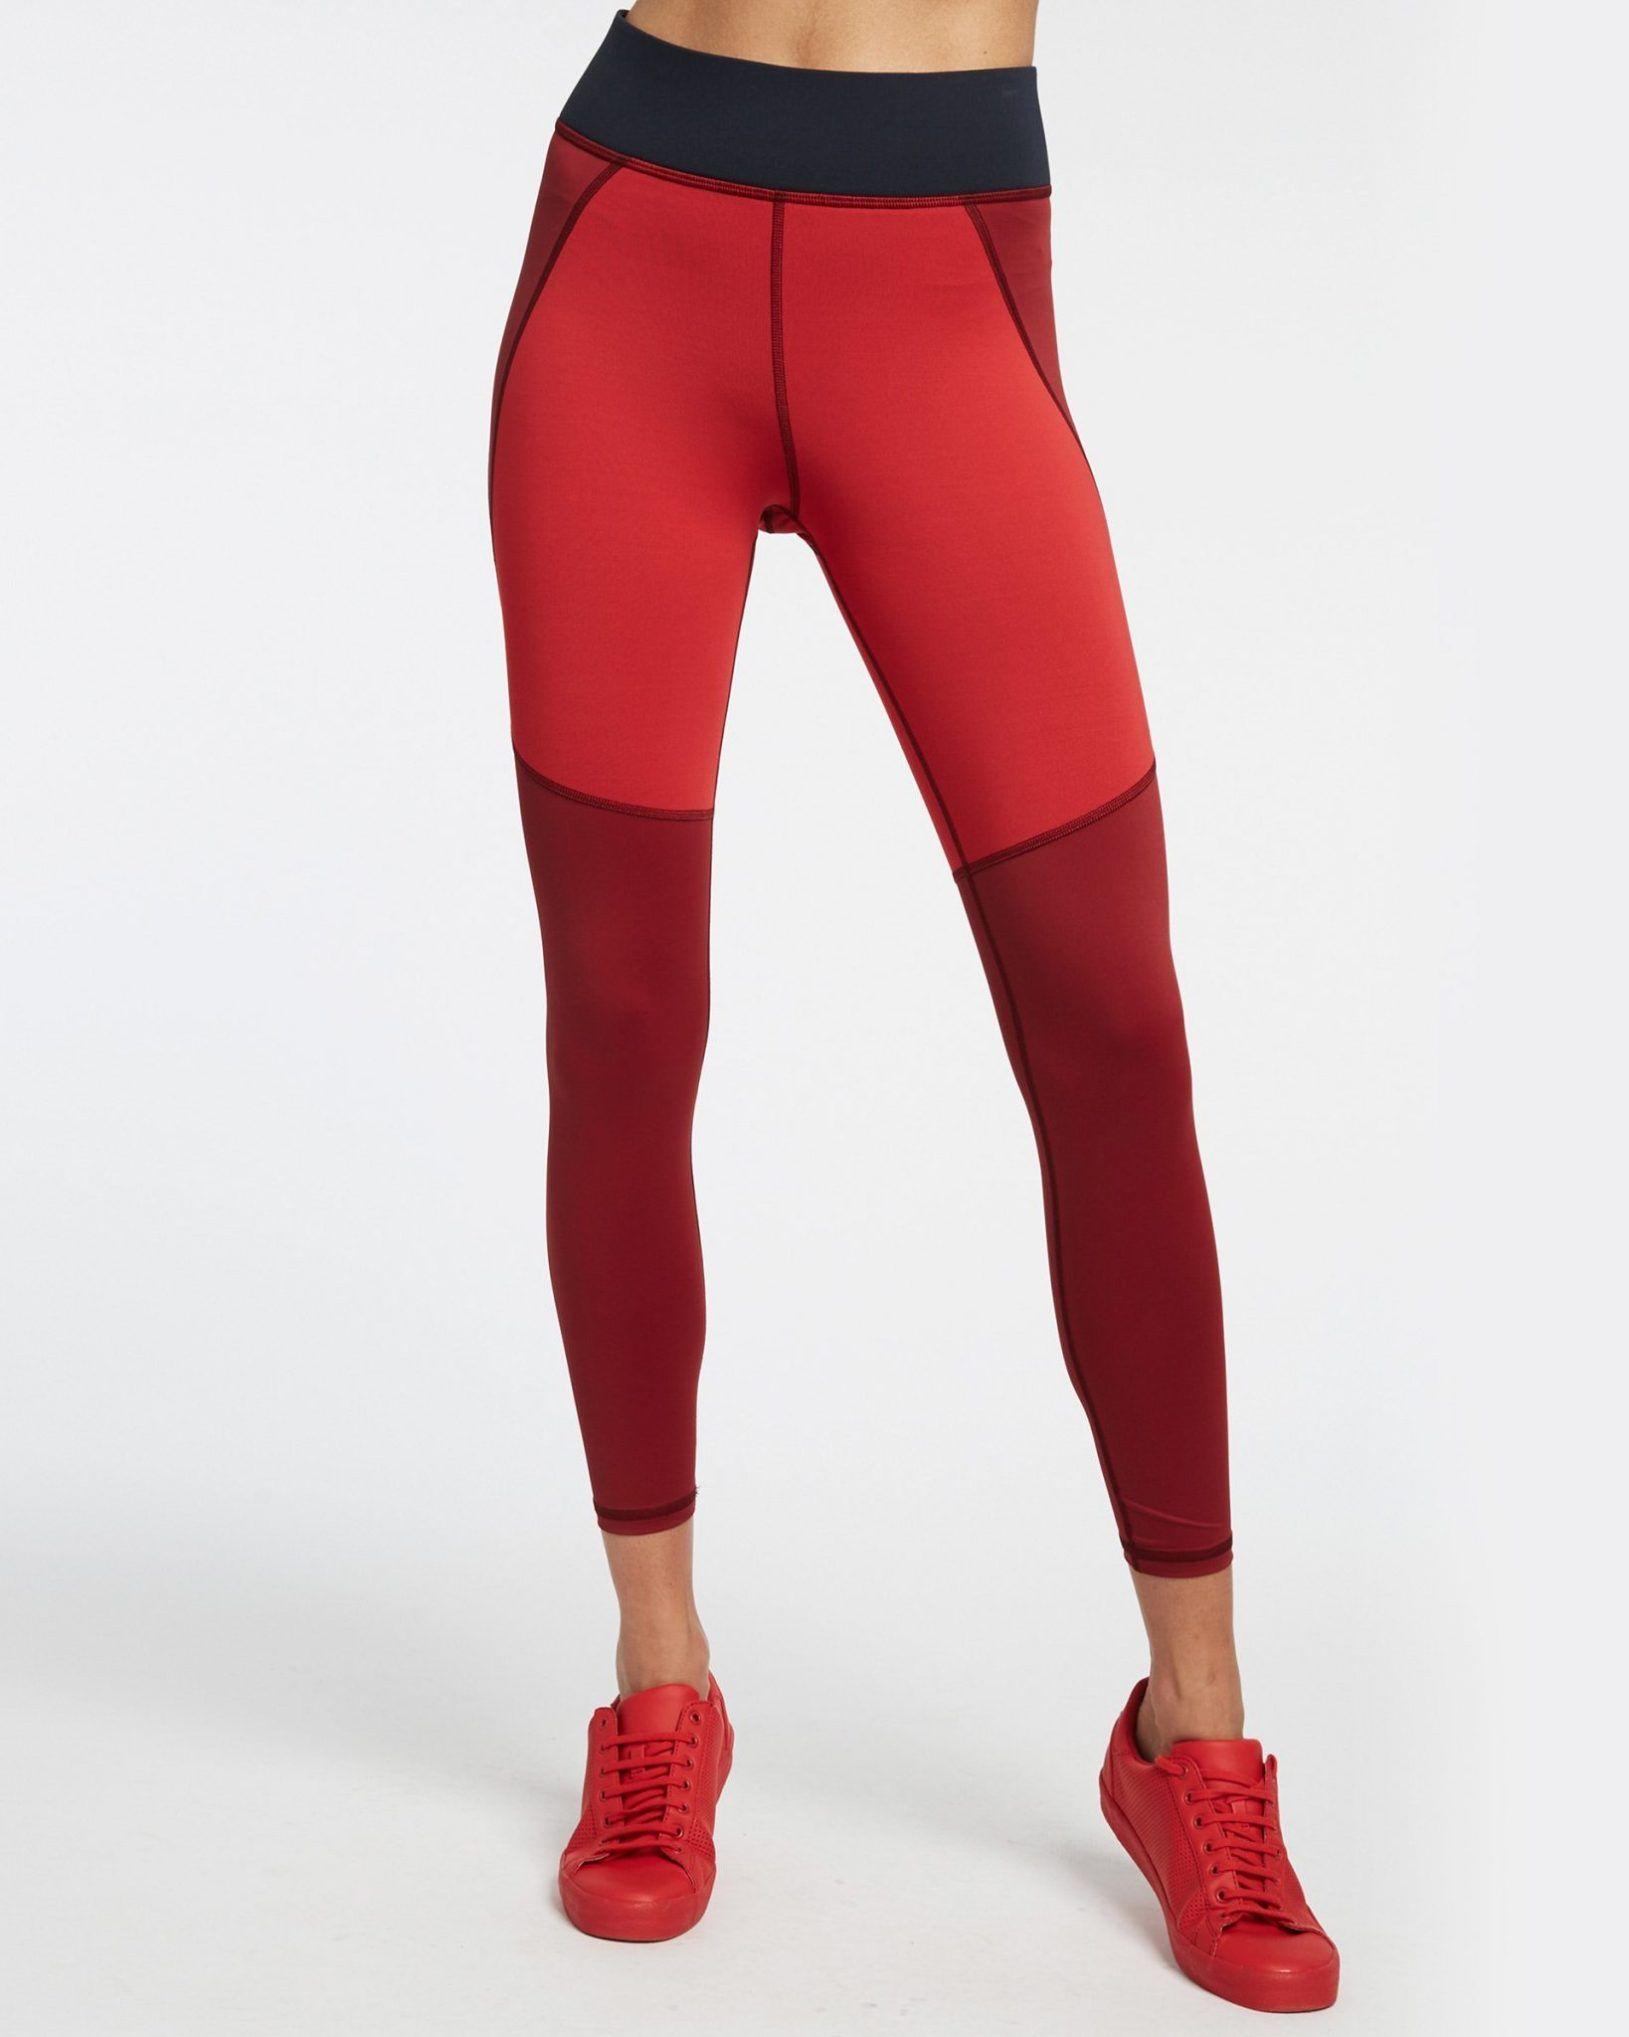 0327ae7726e44 Bliss | My Style | Ombre leggings, Ankle length leggings, Leggings